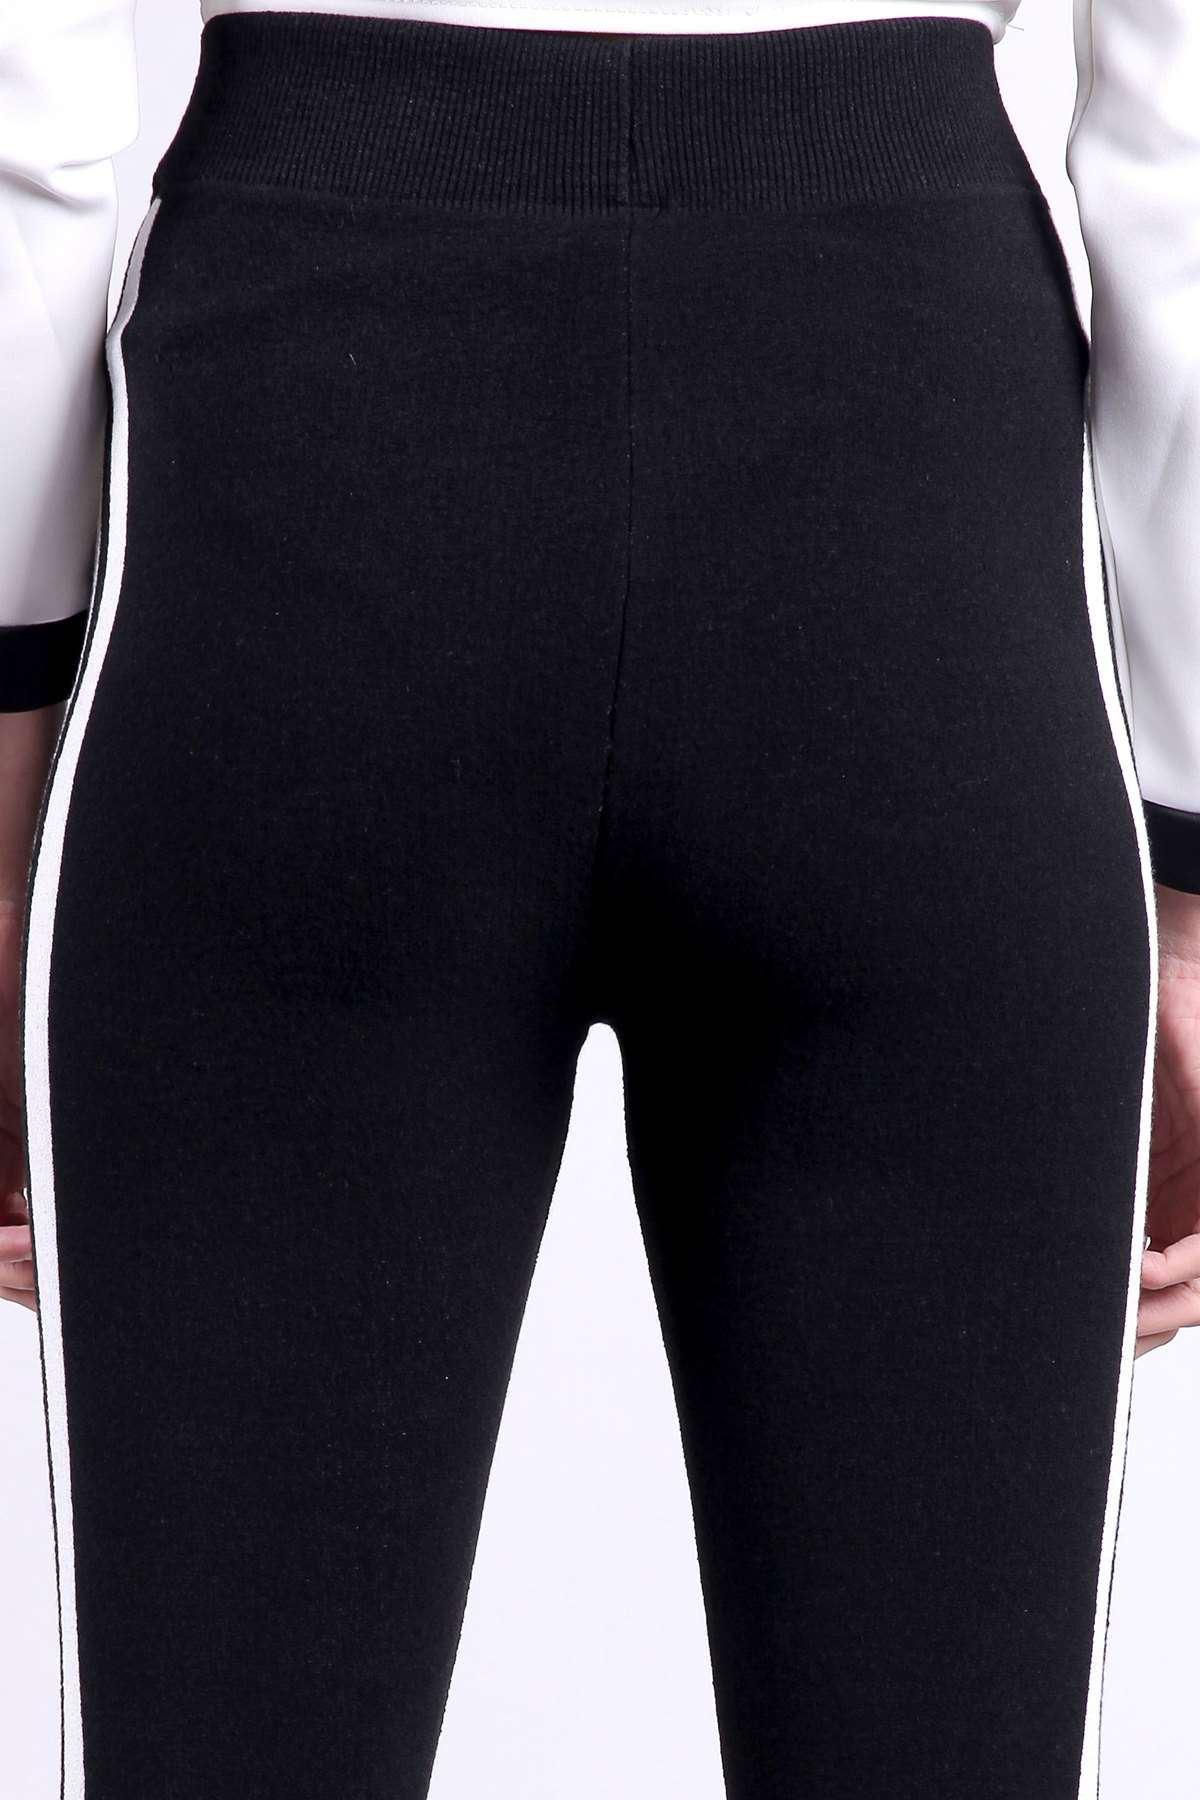 Yanlar Beyaz Çizgili Çelik Örgü Triko Tayt Siyah